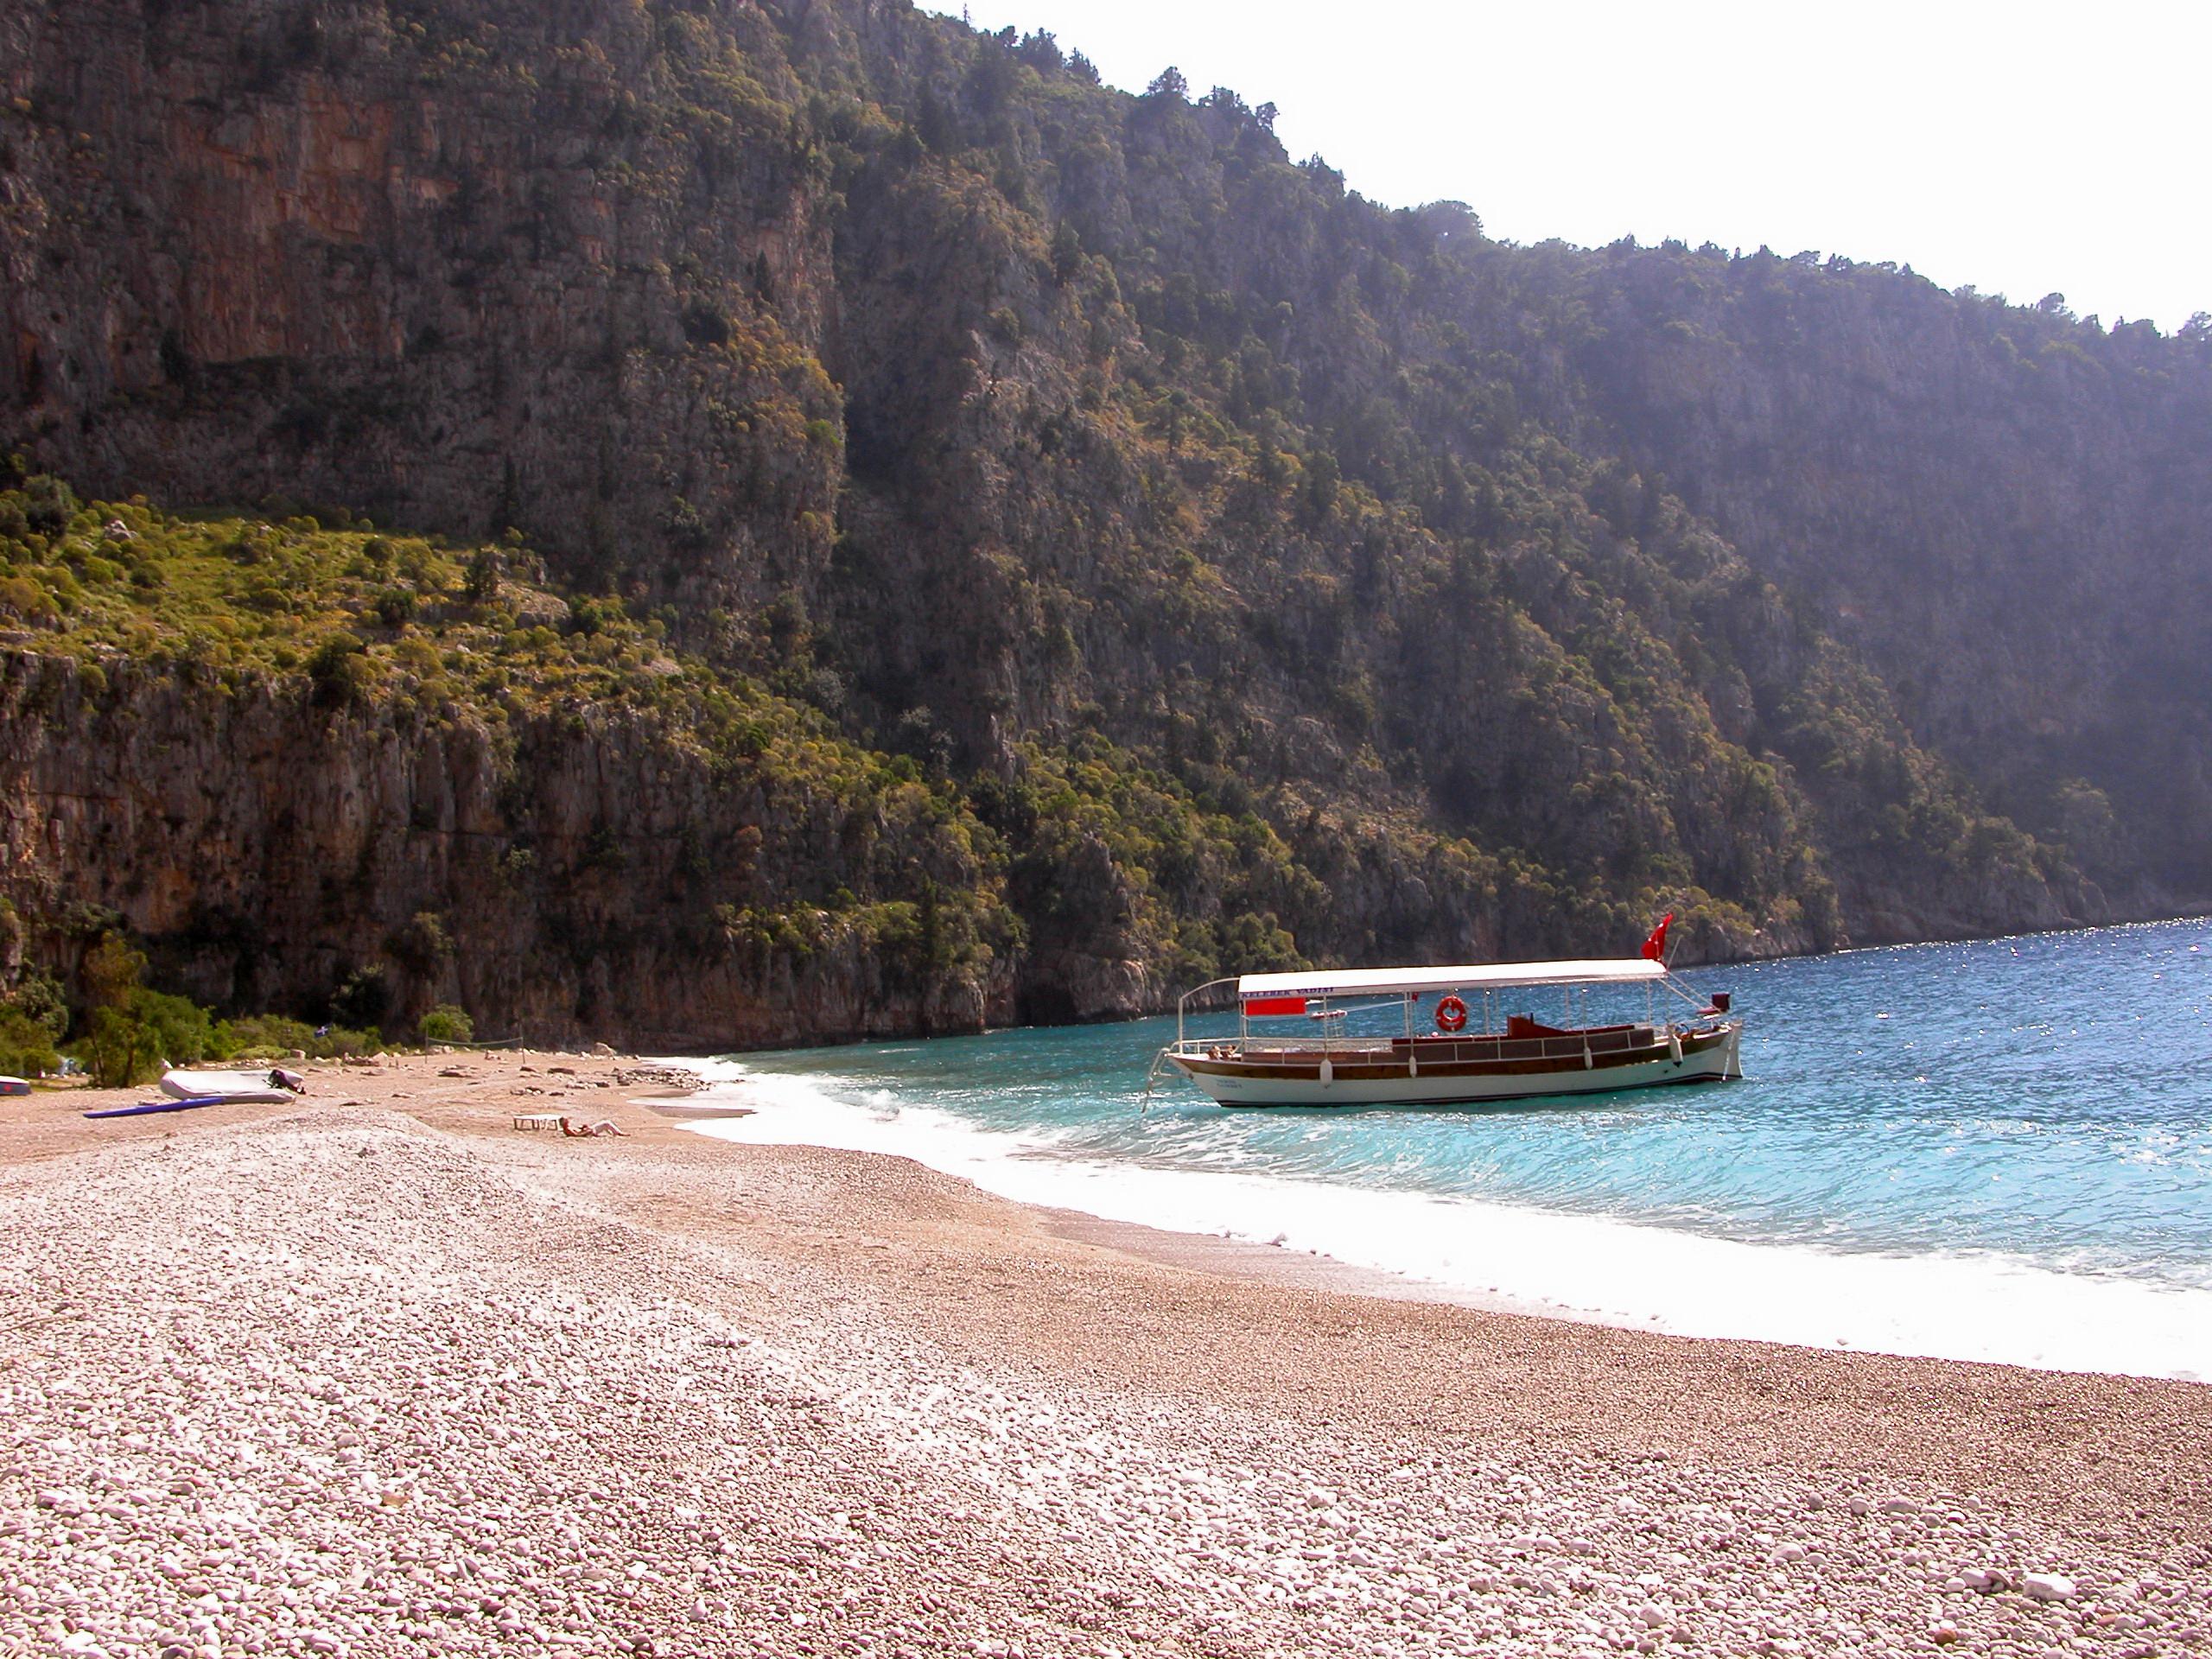 Appartement de vacances Luxurise Unterkunft und persnliches Ambiente in unzerstrter Natur (2124814), Fethiye, , Région Egéenne, Turquie, image 23